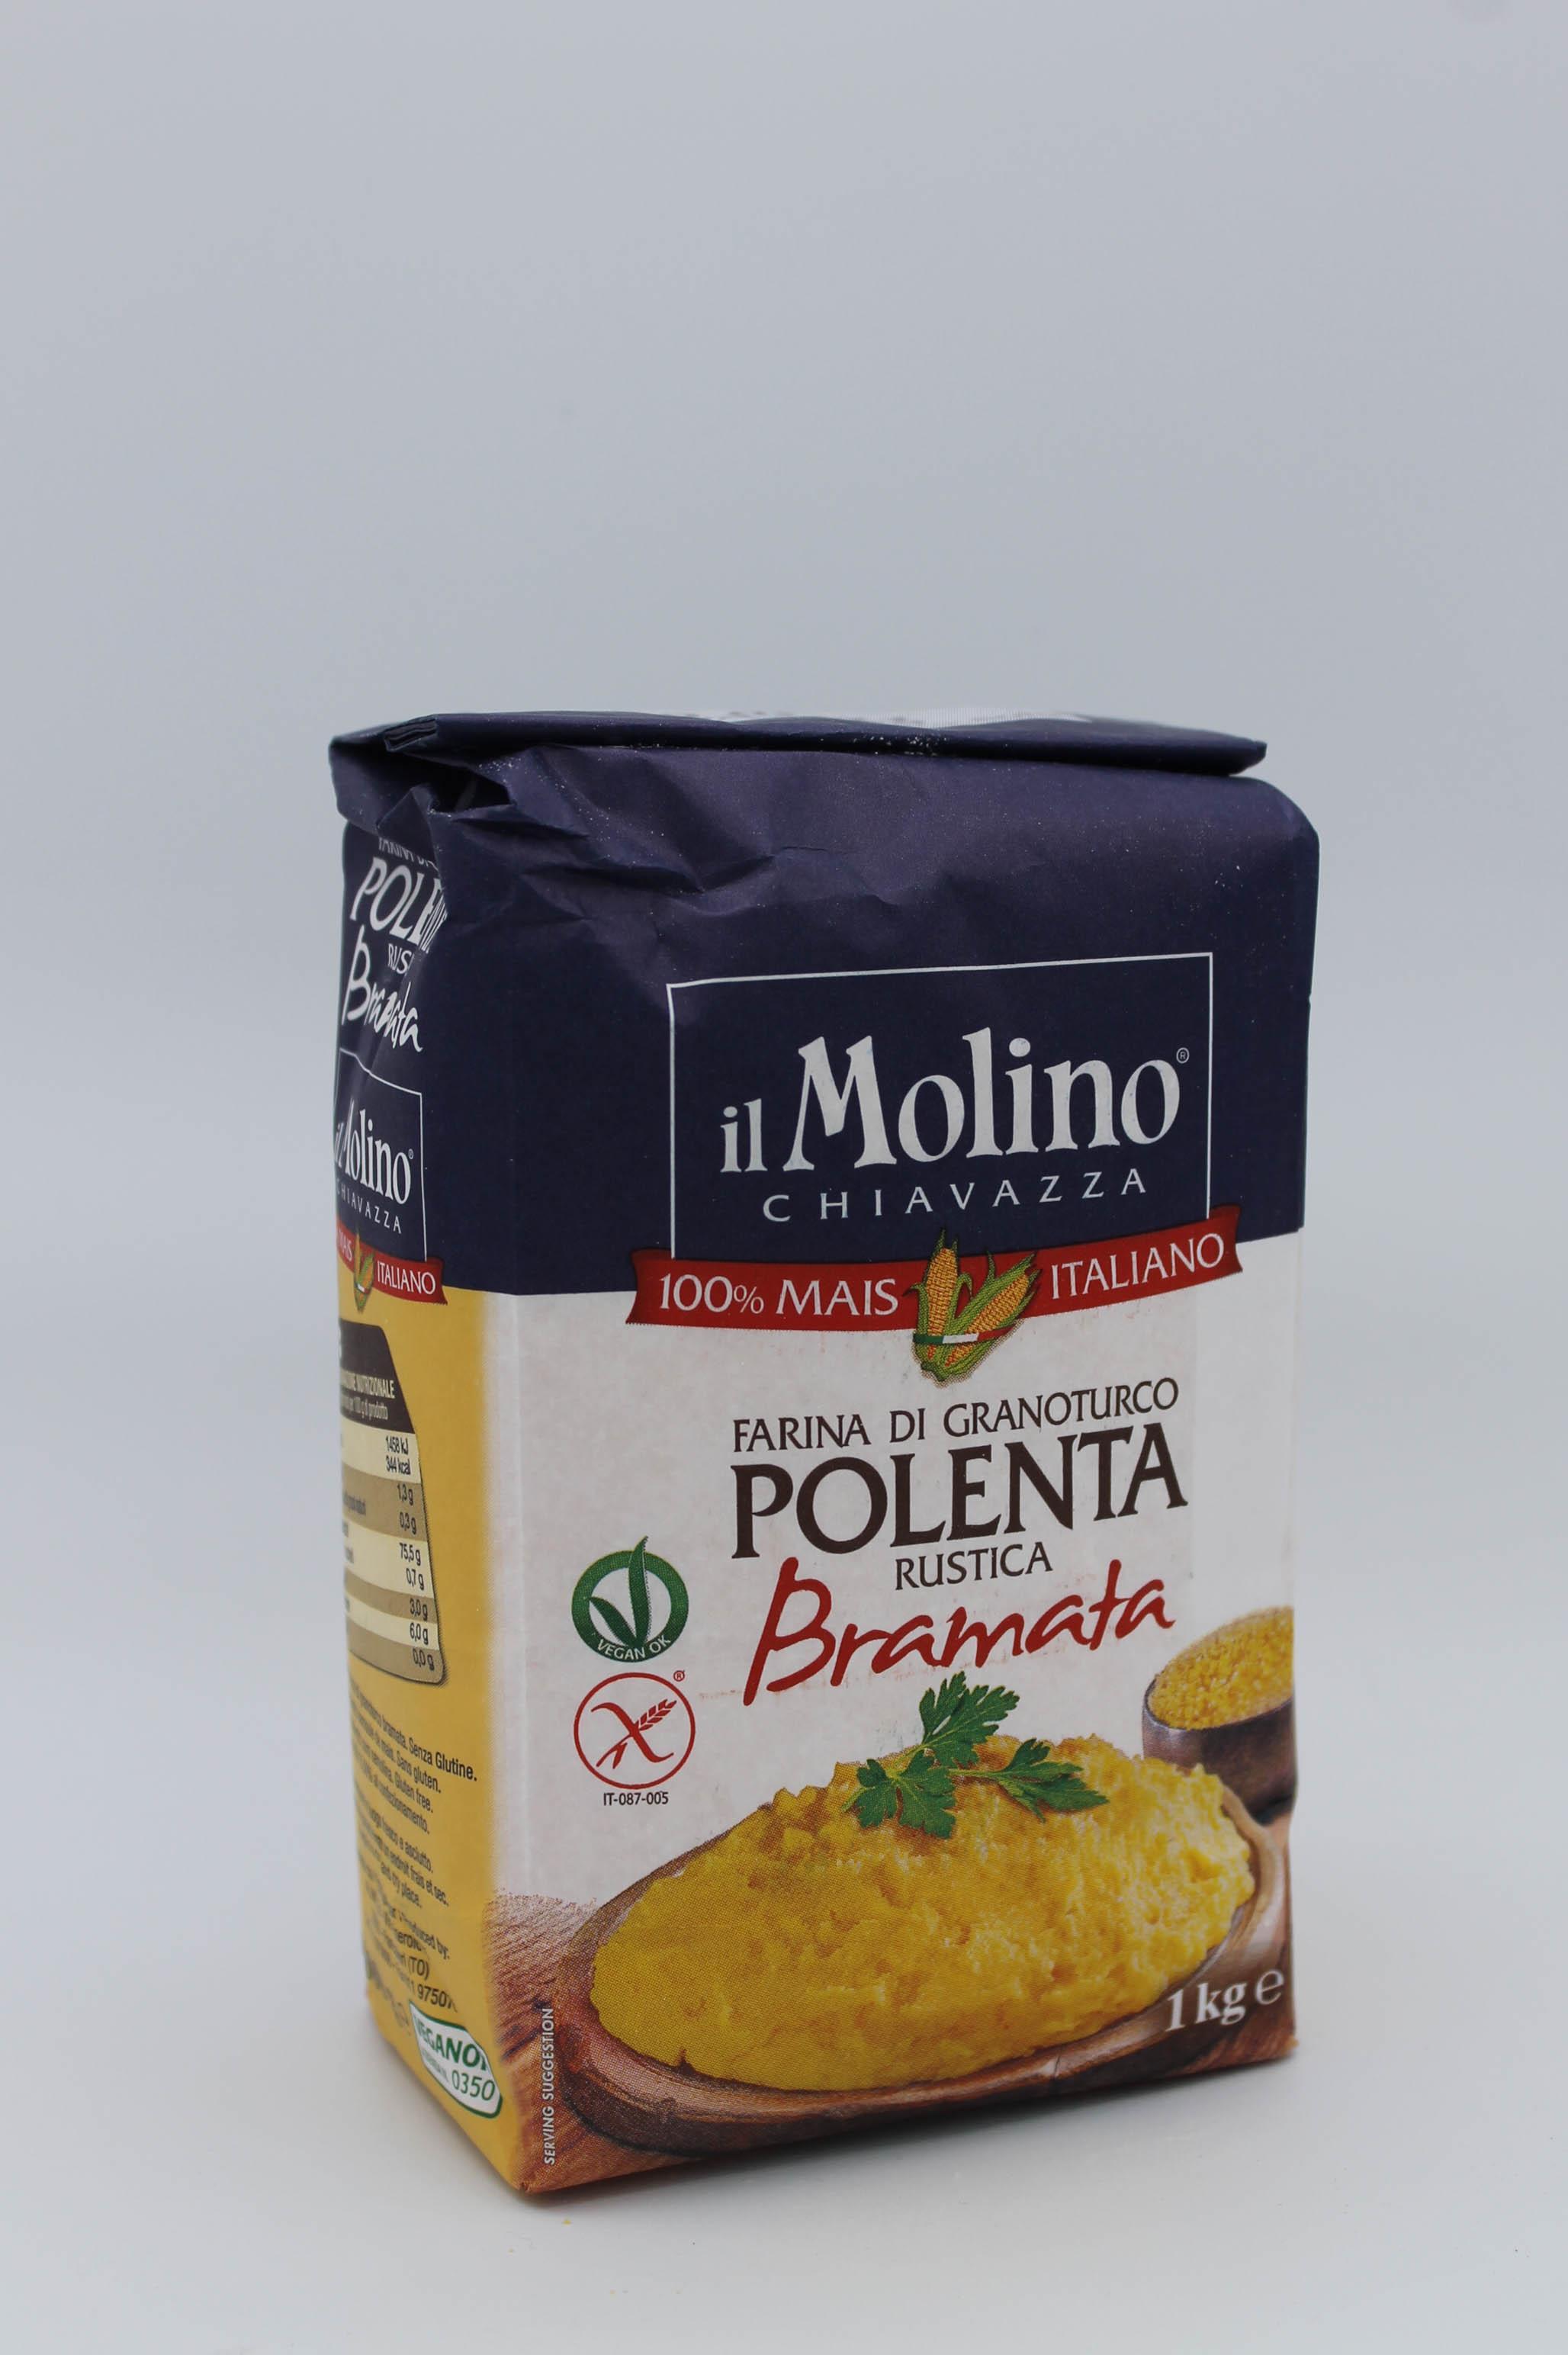 Il Molino polenta 1kg assortita.